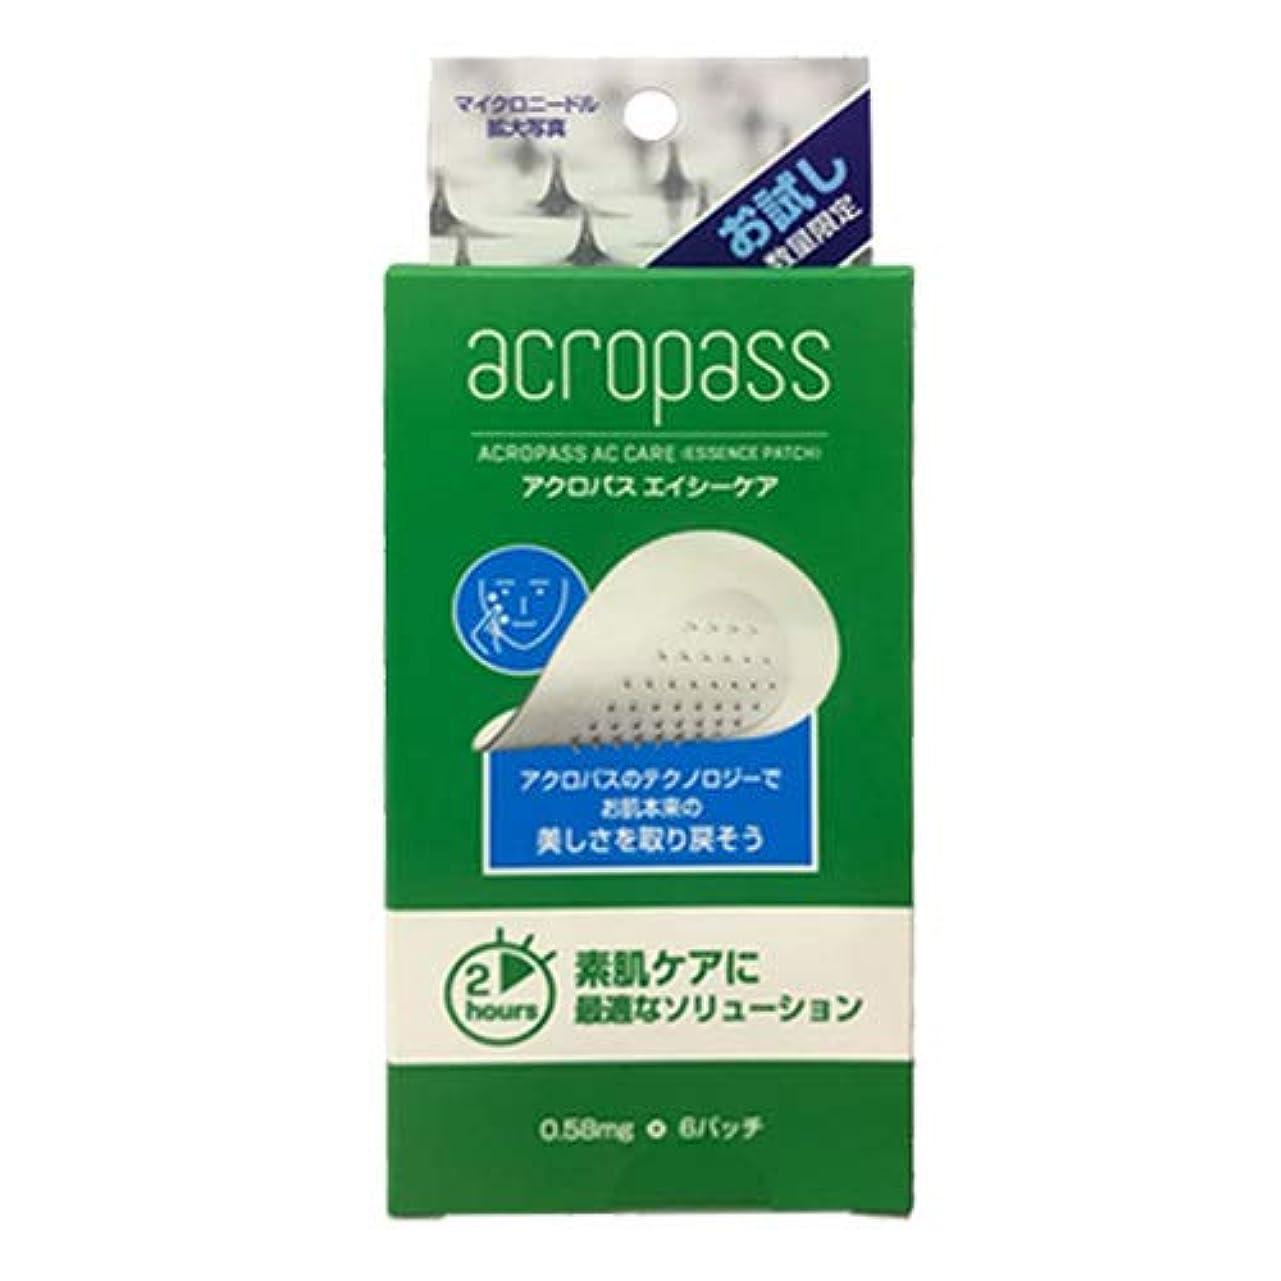 歩き回る専門化する隠すアクロパス (acropass) エイシーケア お試しサイズ 6パッチ入り